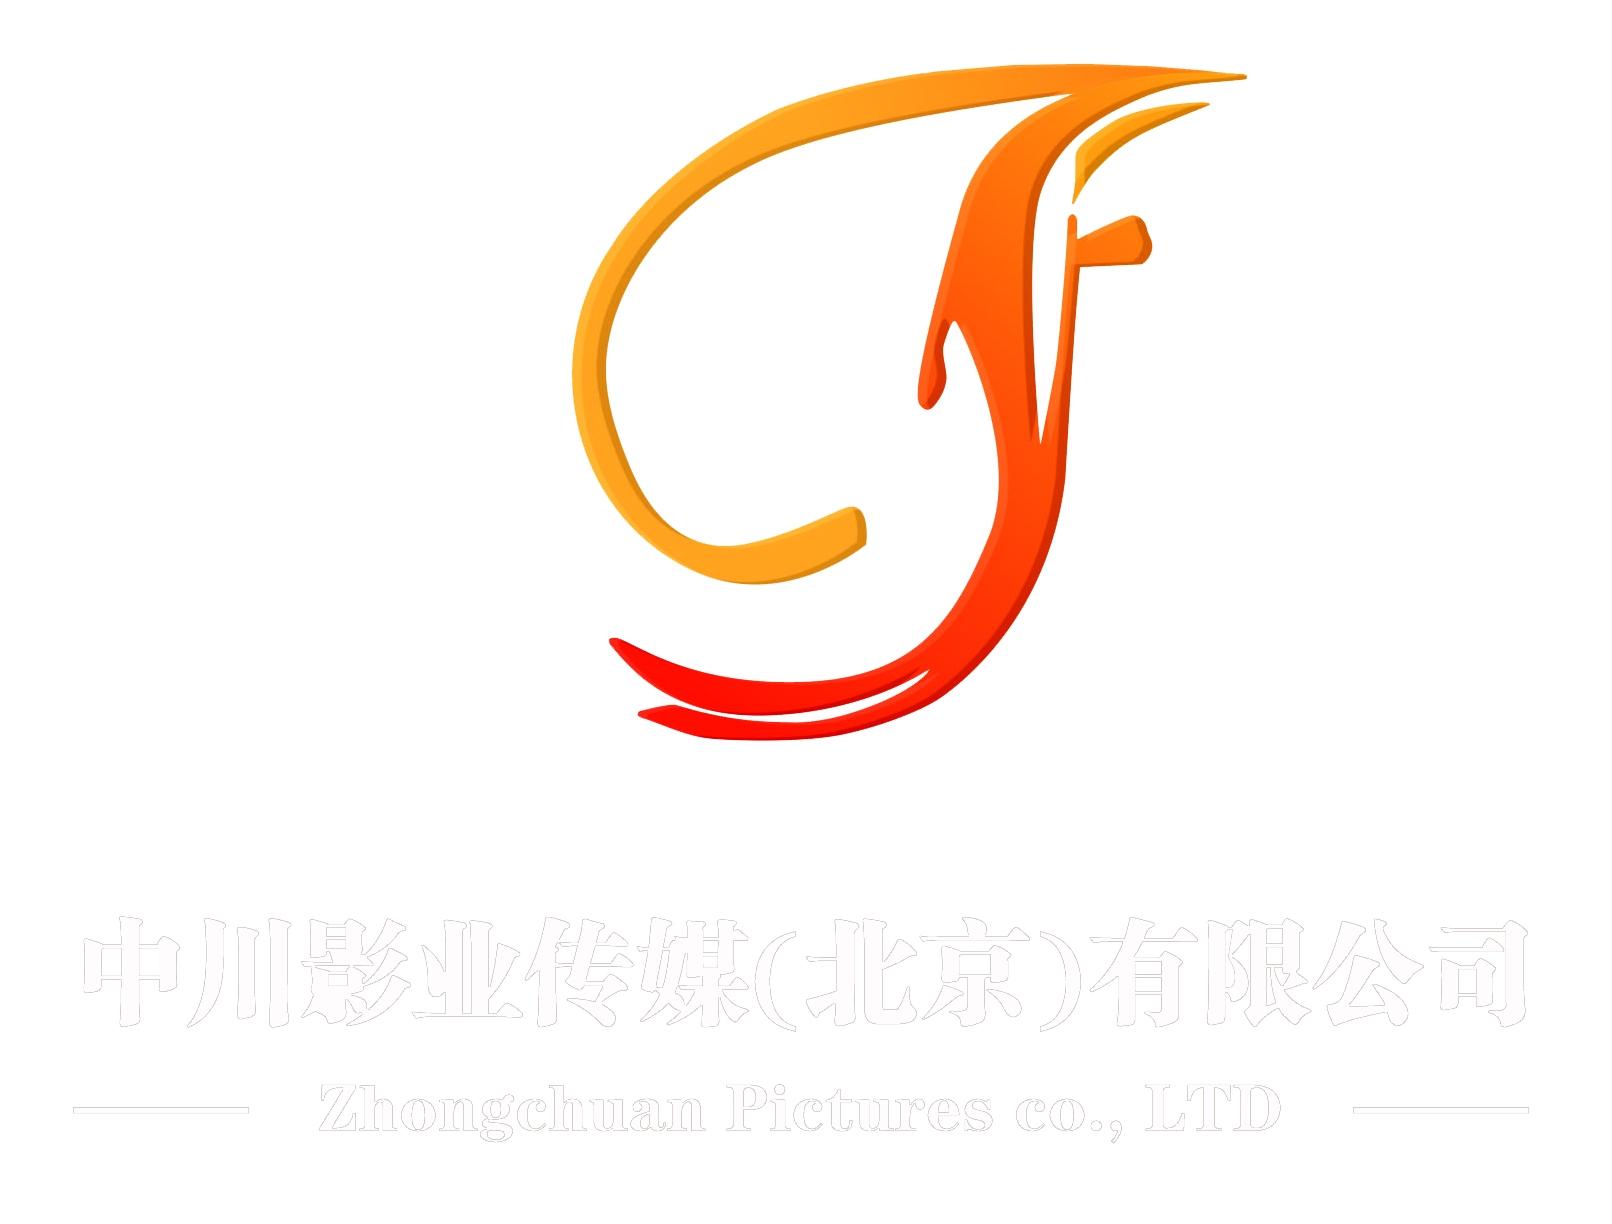 宁波象保合作区中星文化产业园管理有限公司